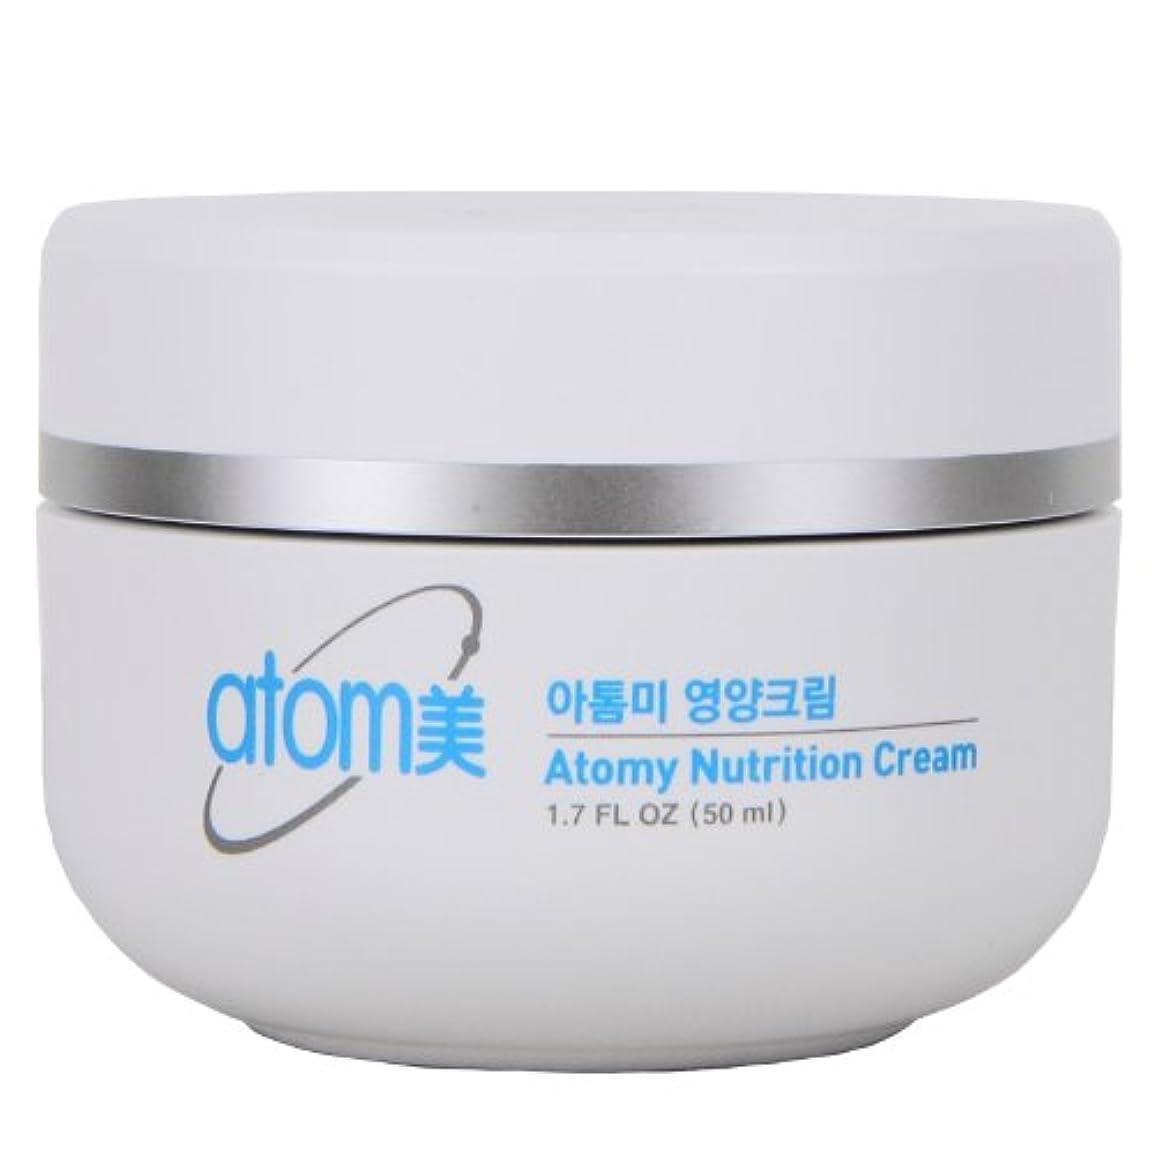 気体のホイットニー高度な韓国コスメ Atom美 アトミ クリーム ■ナチュラルコスメ